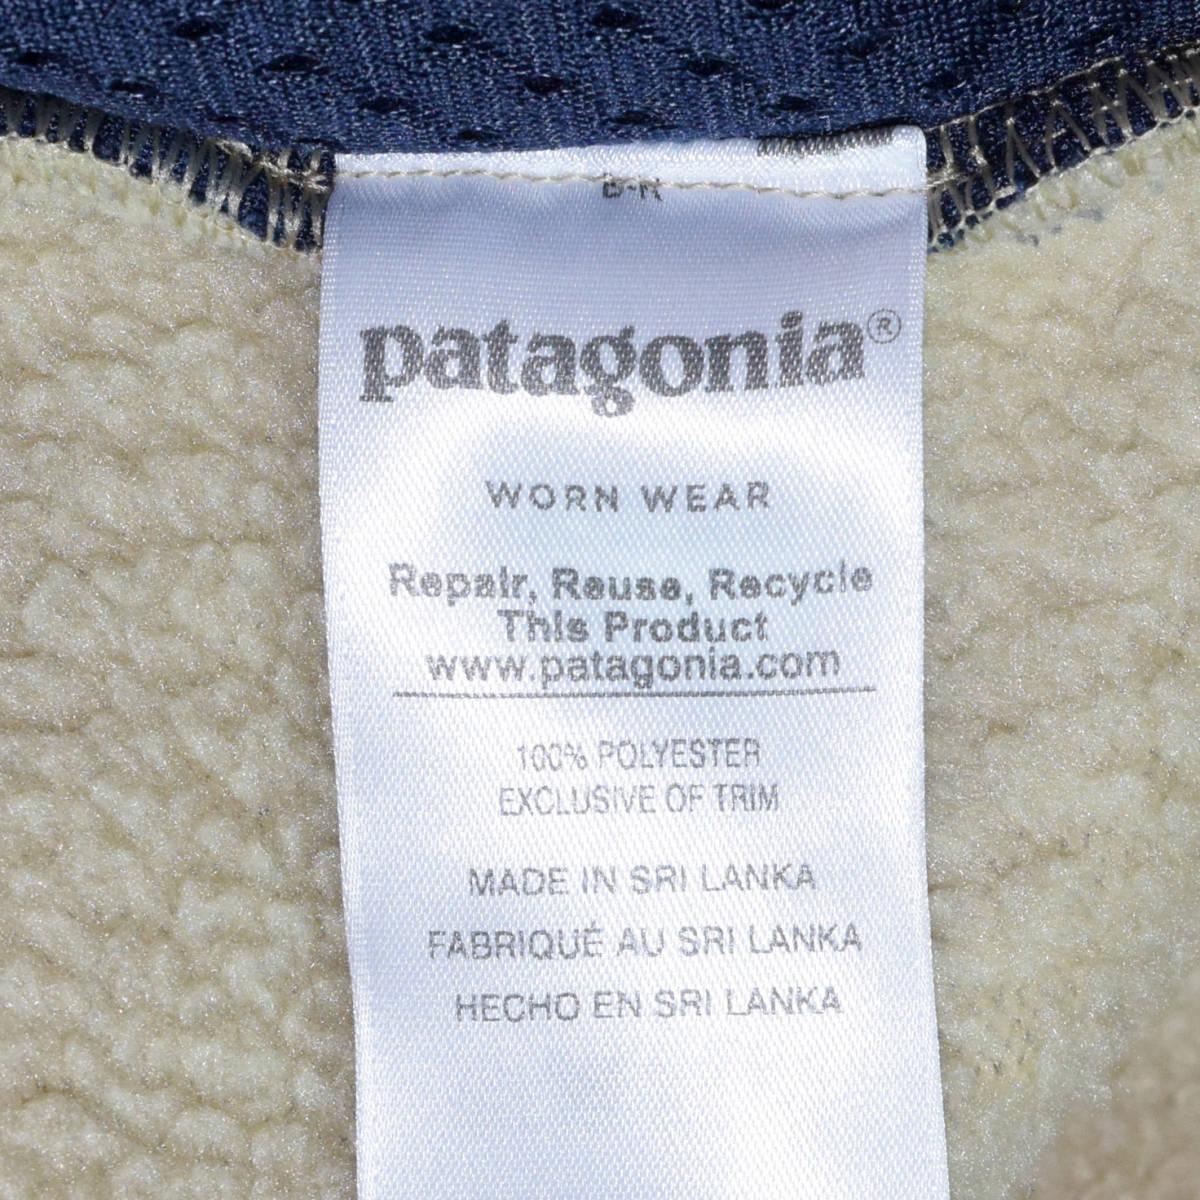 送料無料!人気カラー patagonia パタゴニア MEN'S retro pile jacket S サイズ レトロパイル ジャケット レトロX 希少22800FA18 ELKH_画像10